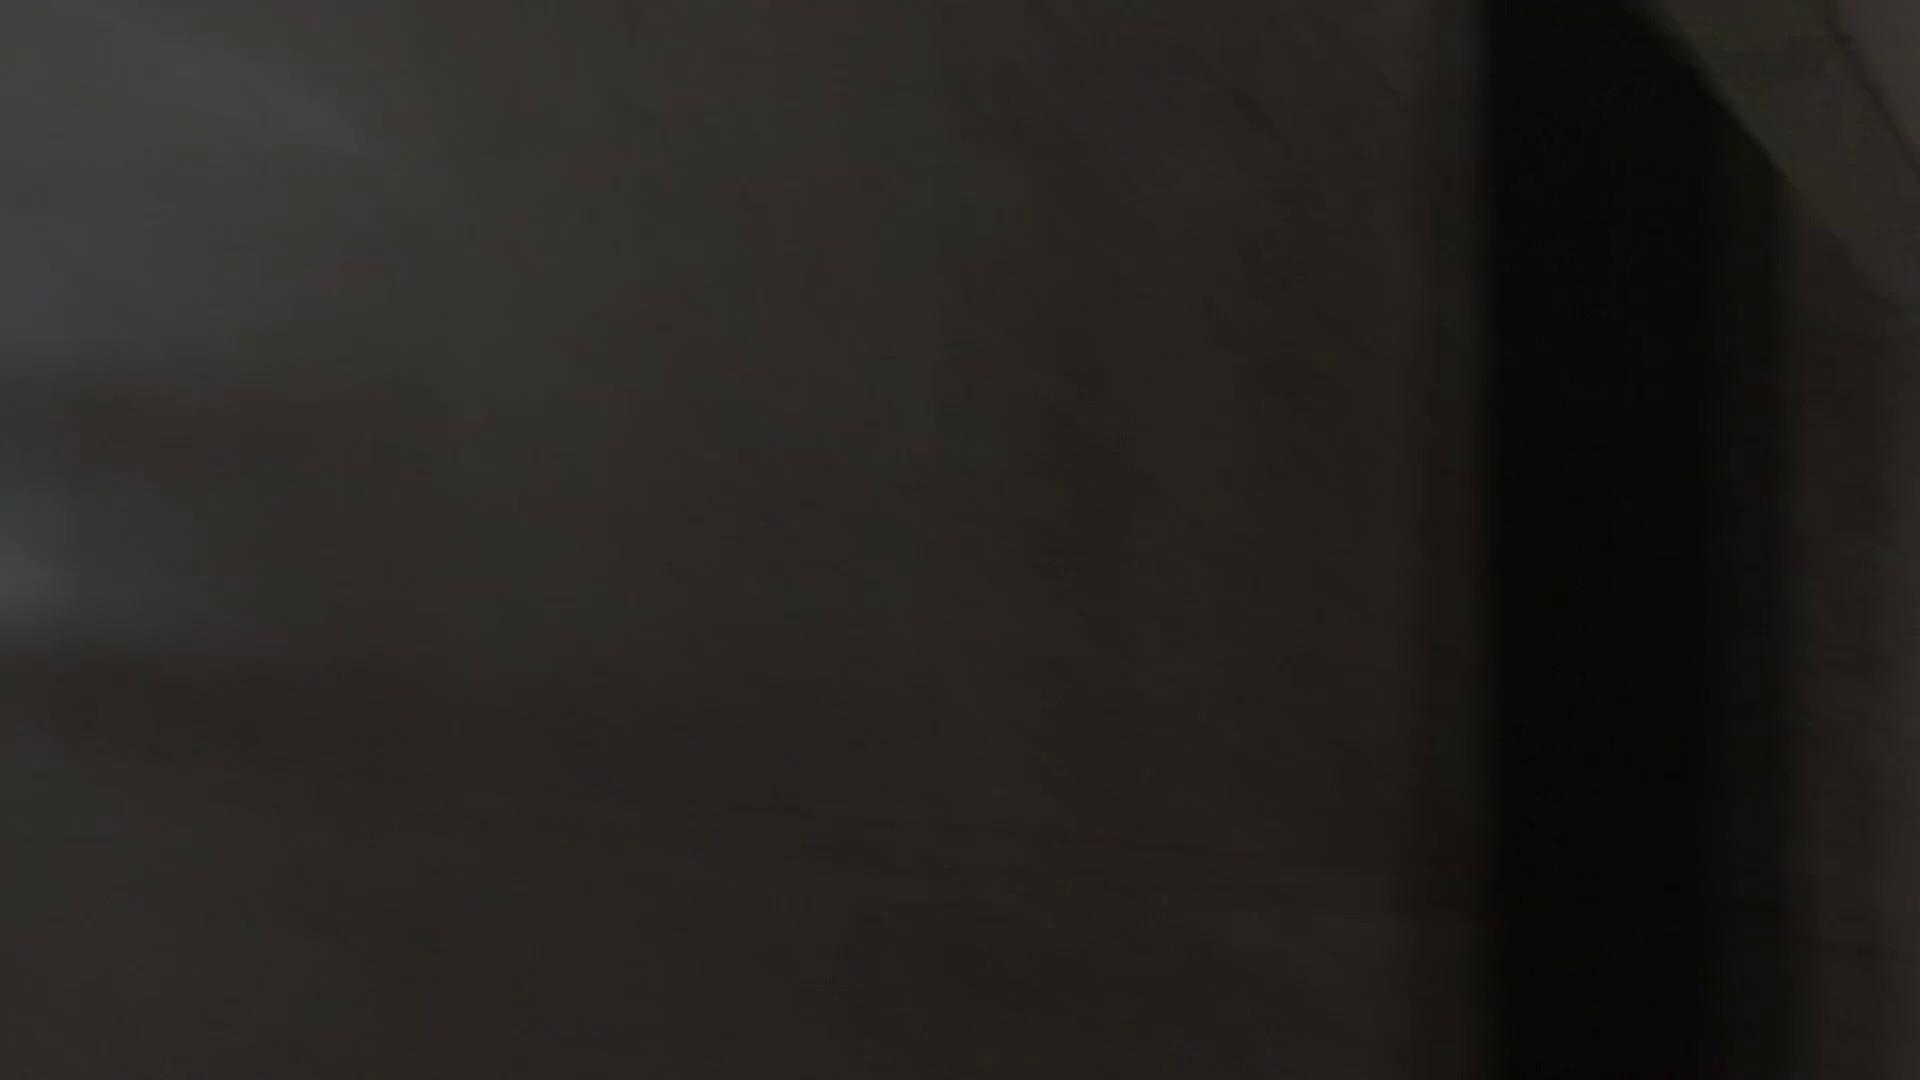 芸術大学ガチ潜入盗撮 JD盗撮 美女の洗面所の秘密 Vol.90 洗面所着替え | 盗撮エロすぎ  44連発 15